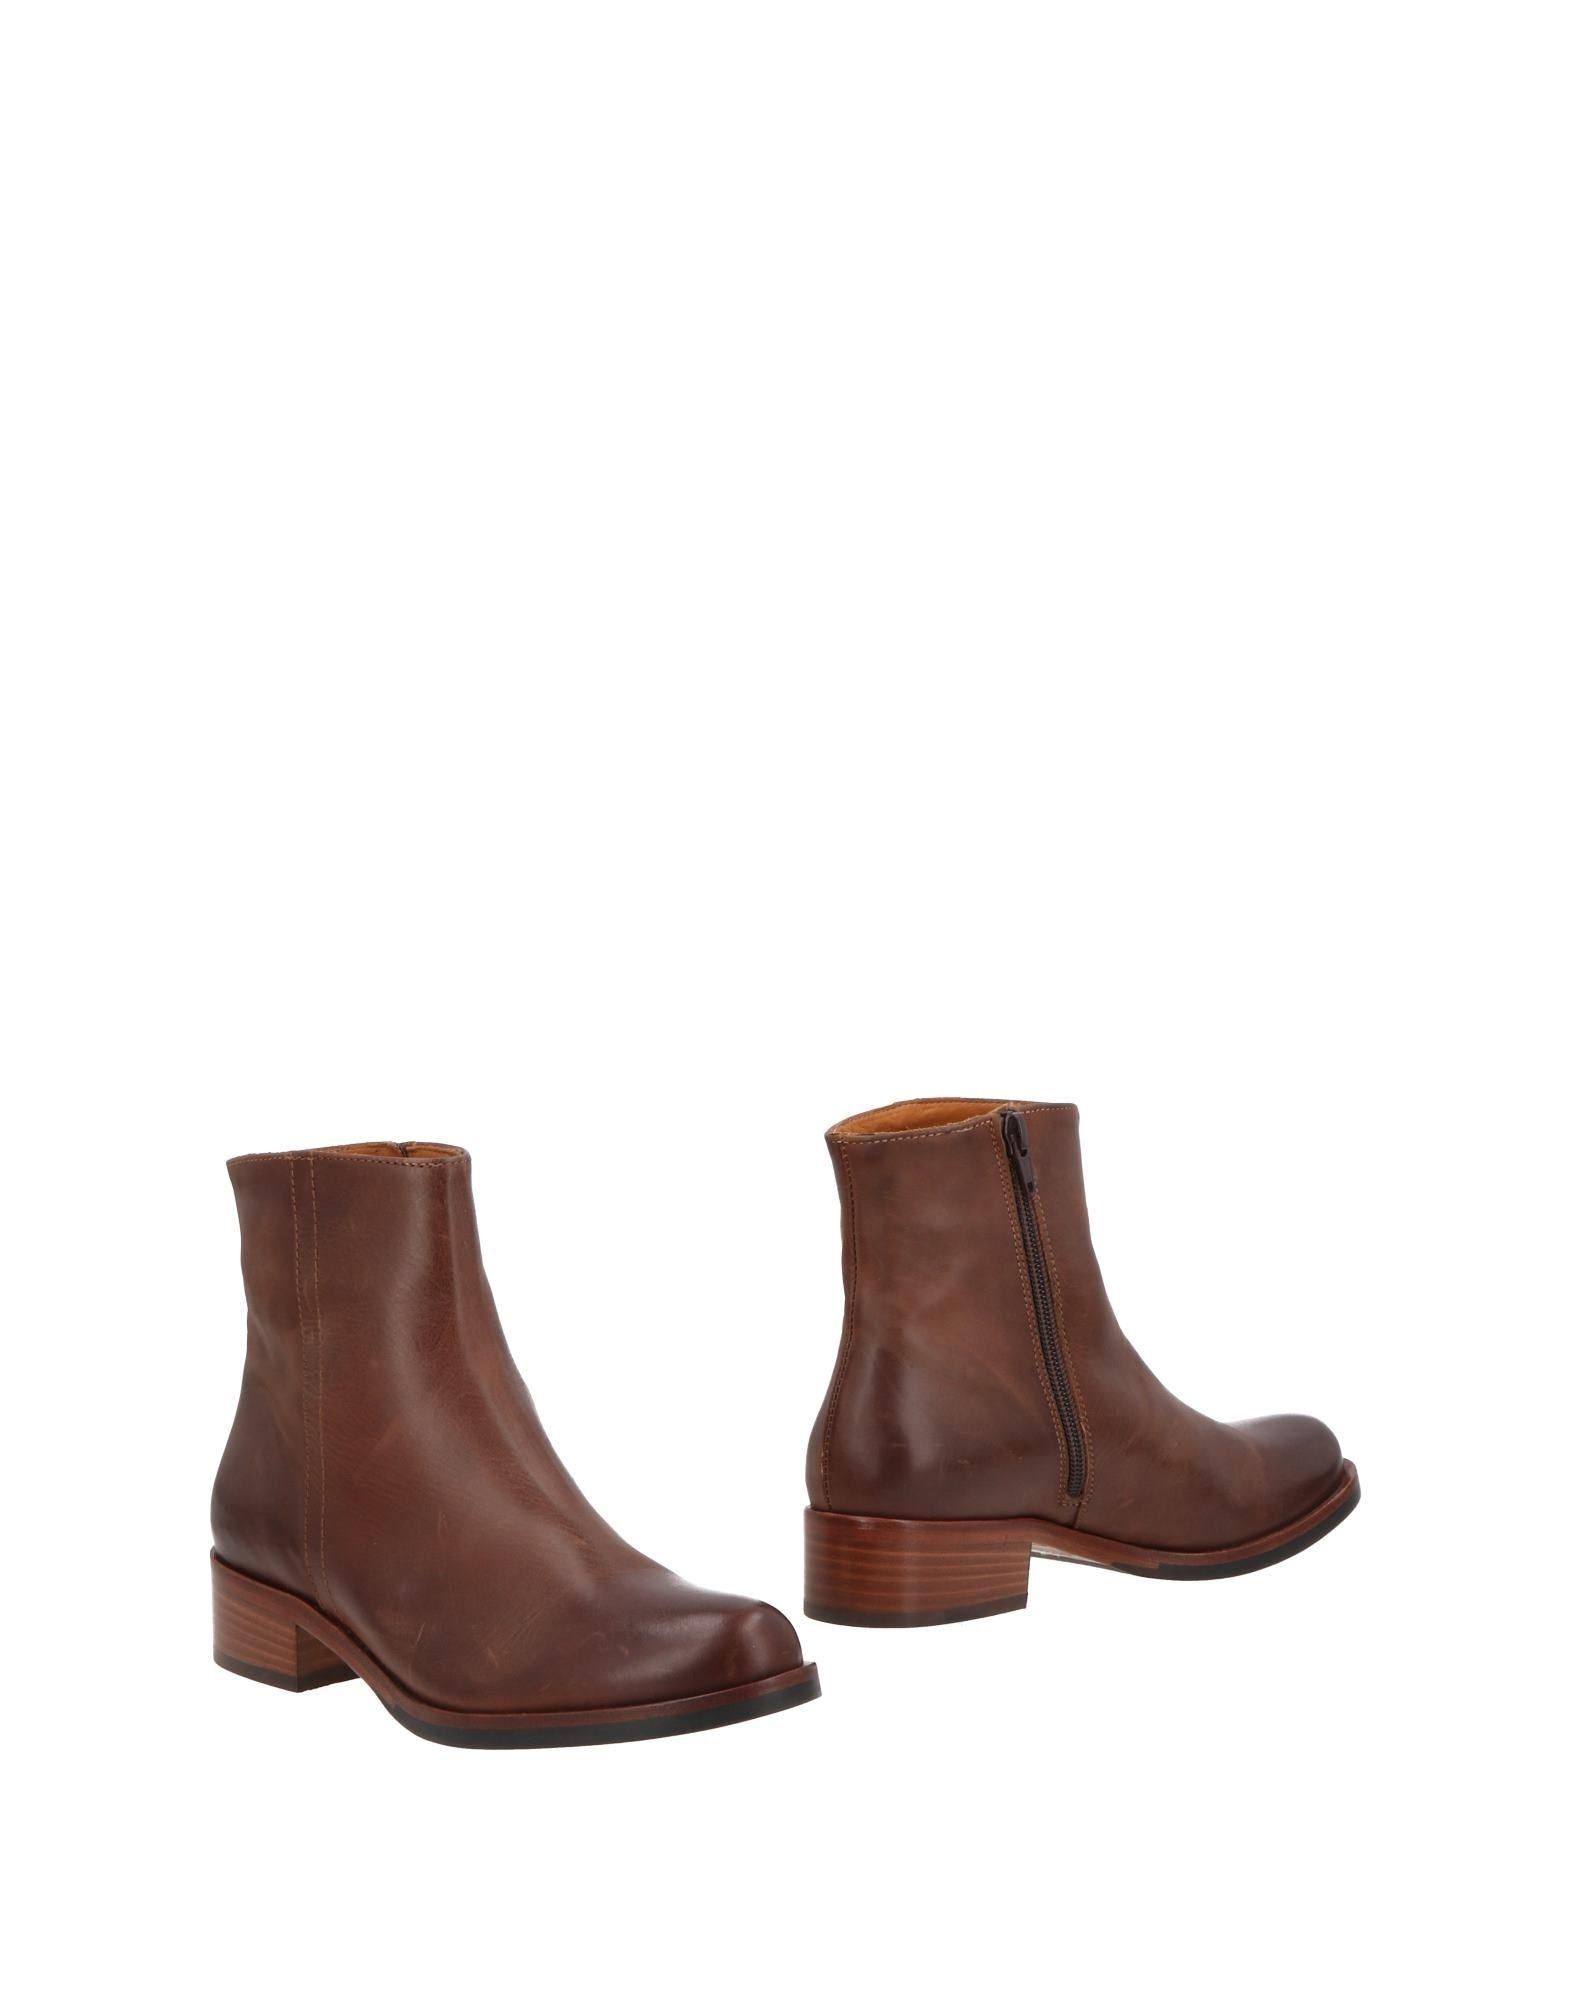 Cuoieria Stiefelette Damen  11484655NJ Gute Qualität beliebte Schuhe